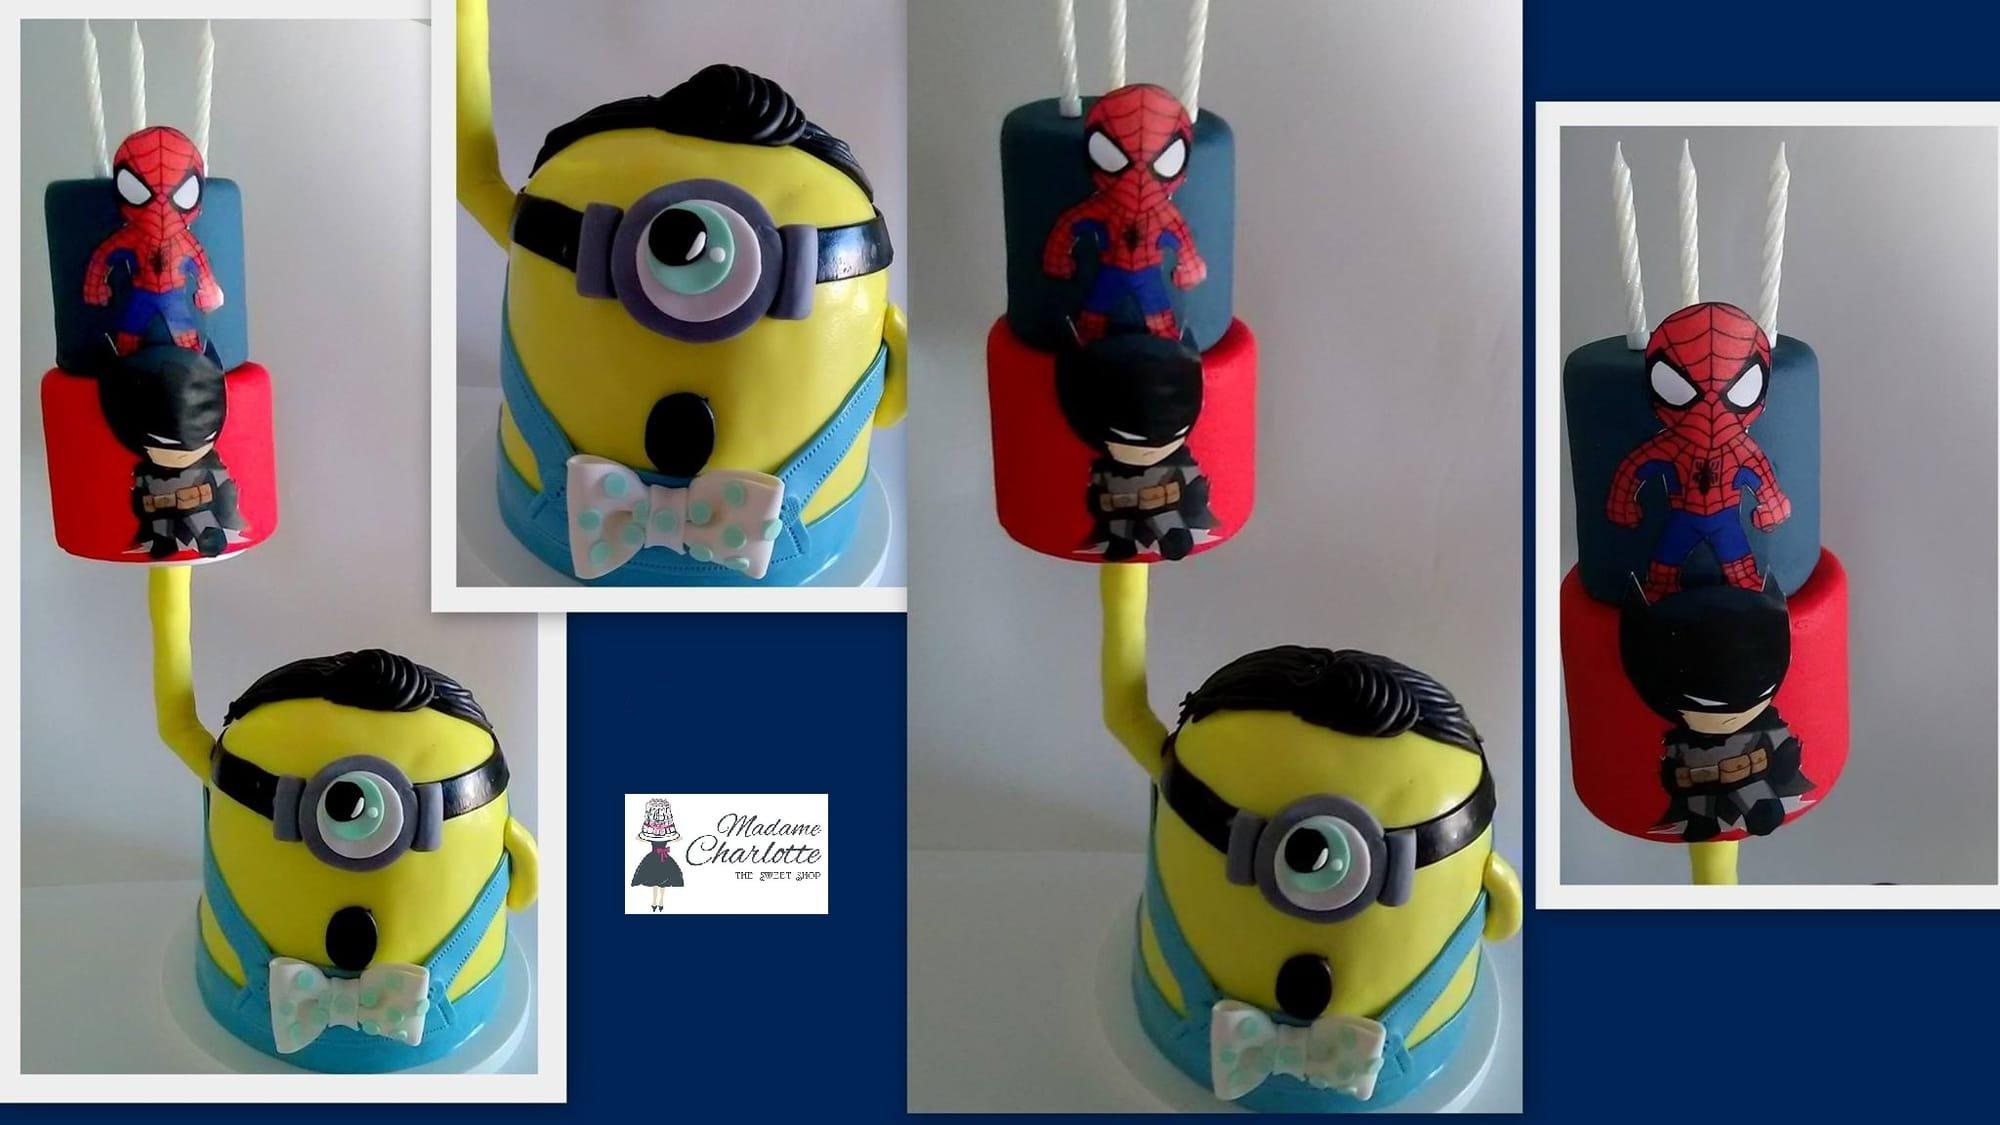 τούρτα από ζαχαρόπαστα minion with cake, Ζαχαροπλαστείο καλαμάτα madamecharlotte.gr, τούρτες γεννεθλίων γάμου βάπτησης παιδικές θεματικές birthday theme party cake 2d 3d confectionery patisserie kalamata